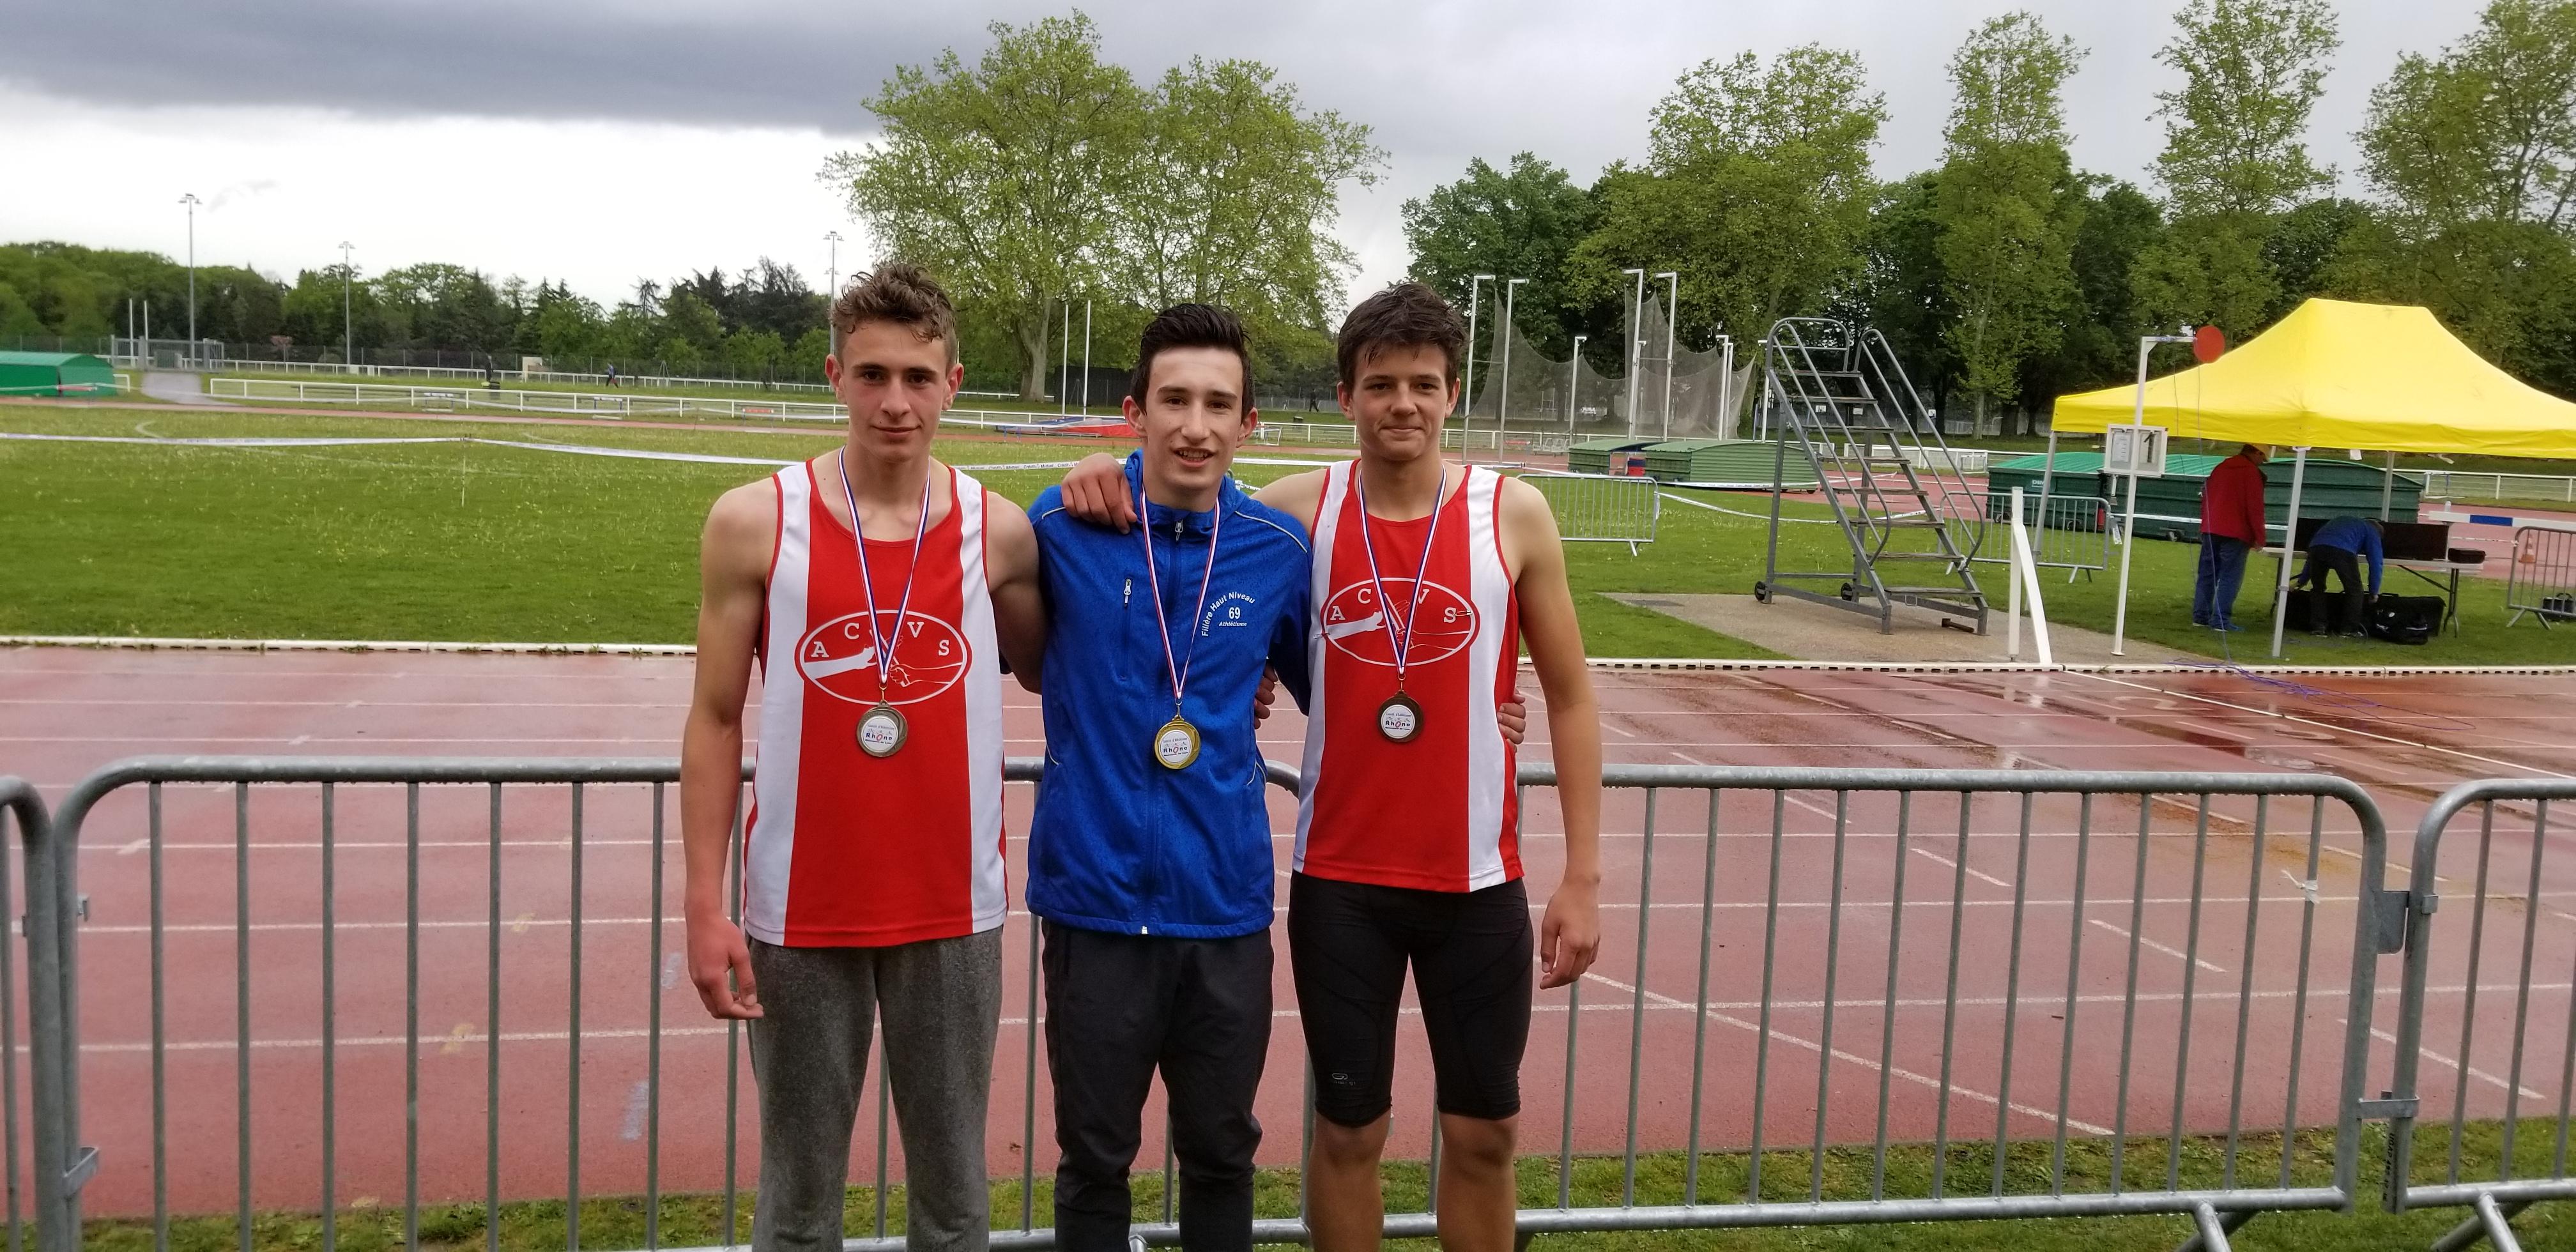 3 médailles aux Champ 69 d'Epreuves Combinées